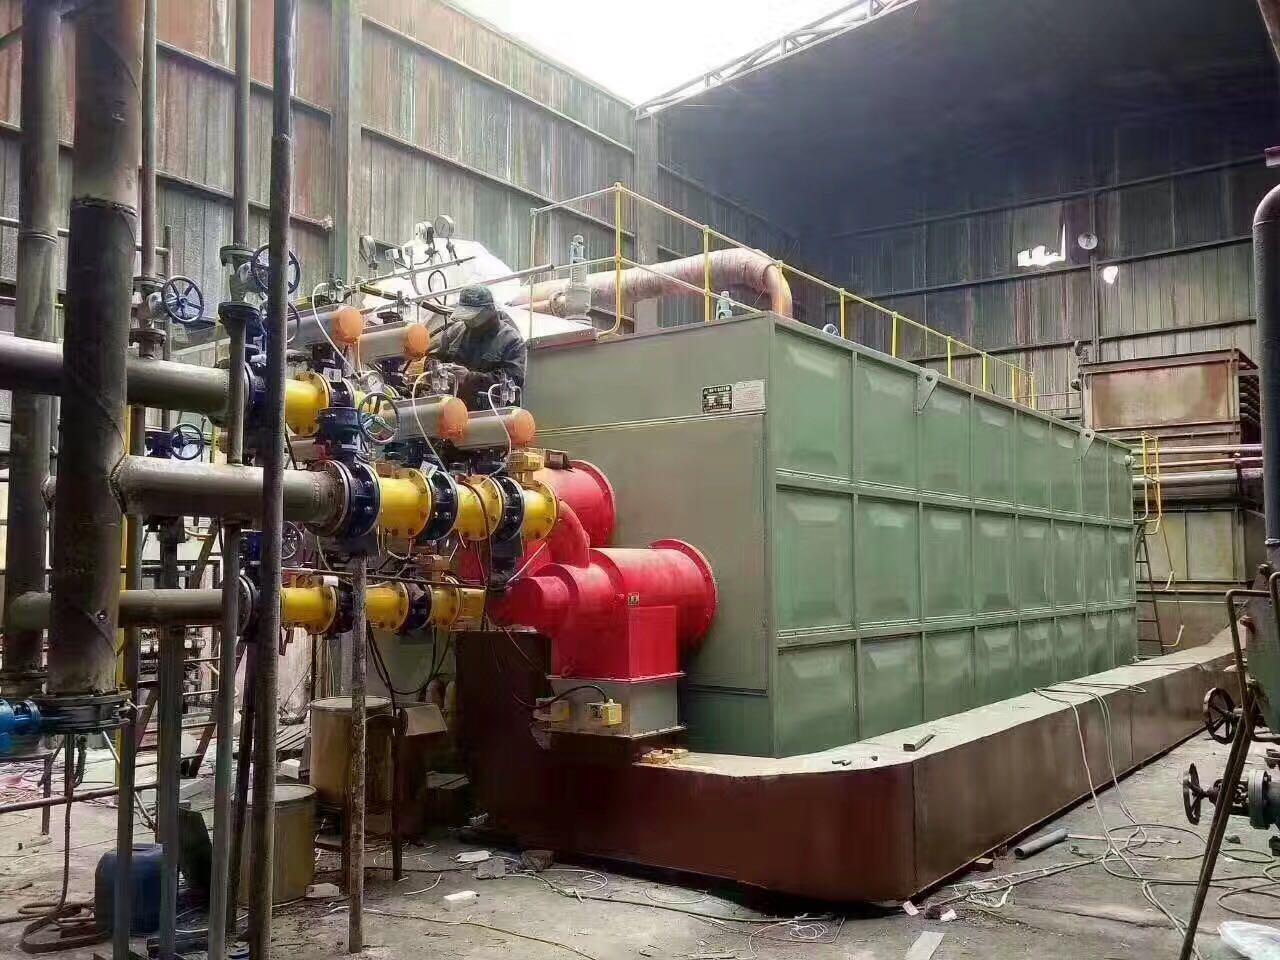 新疆燃气锅炉维修-新疆农村燃气锅炉-新疆燃气锅炉业绩